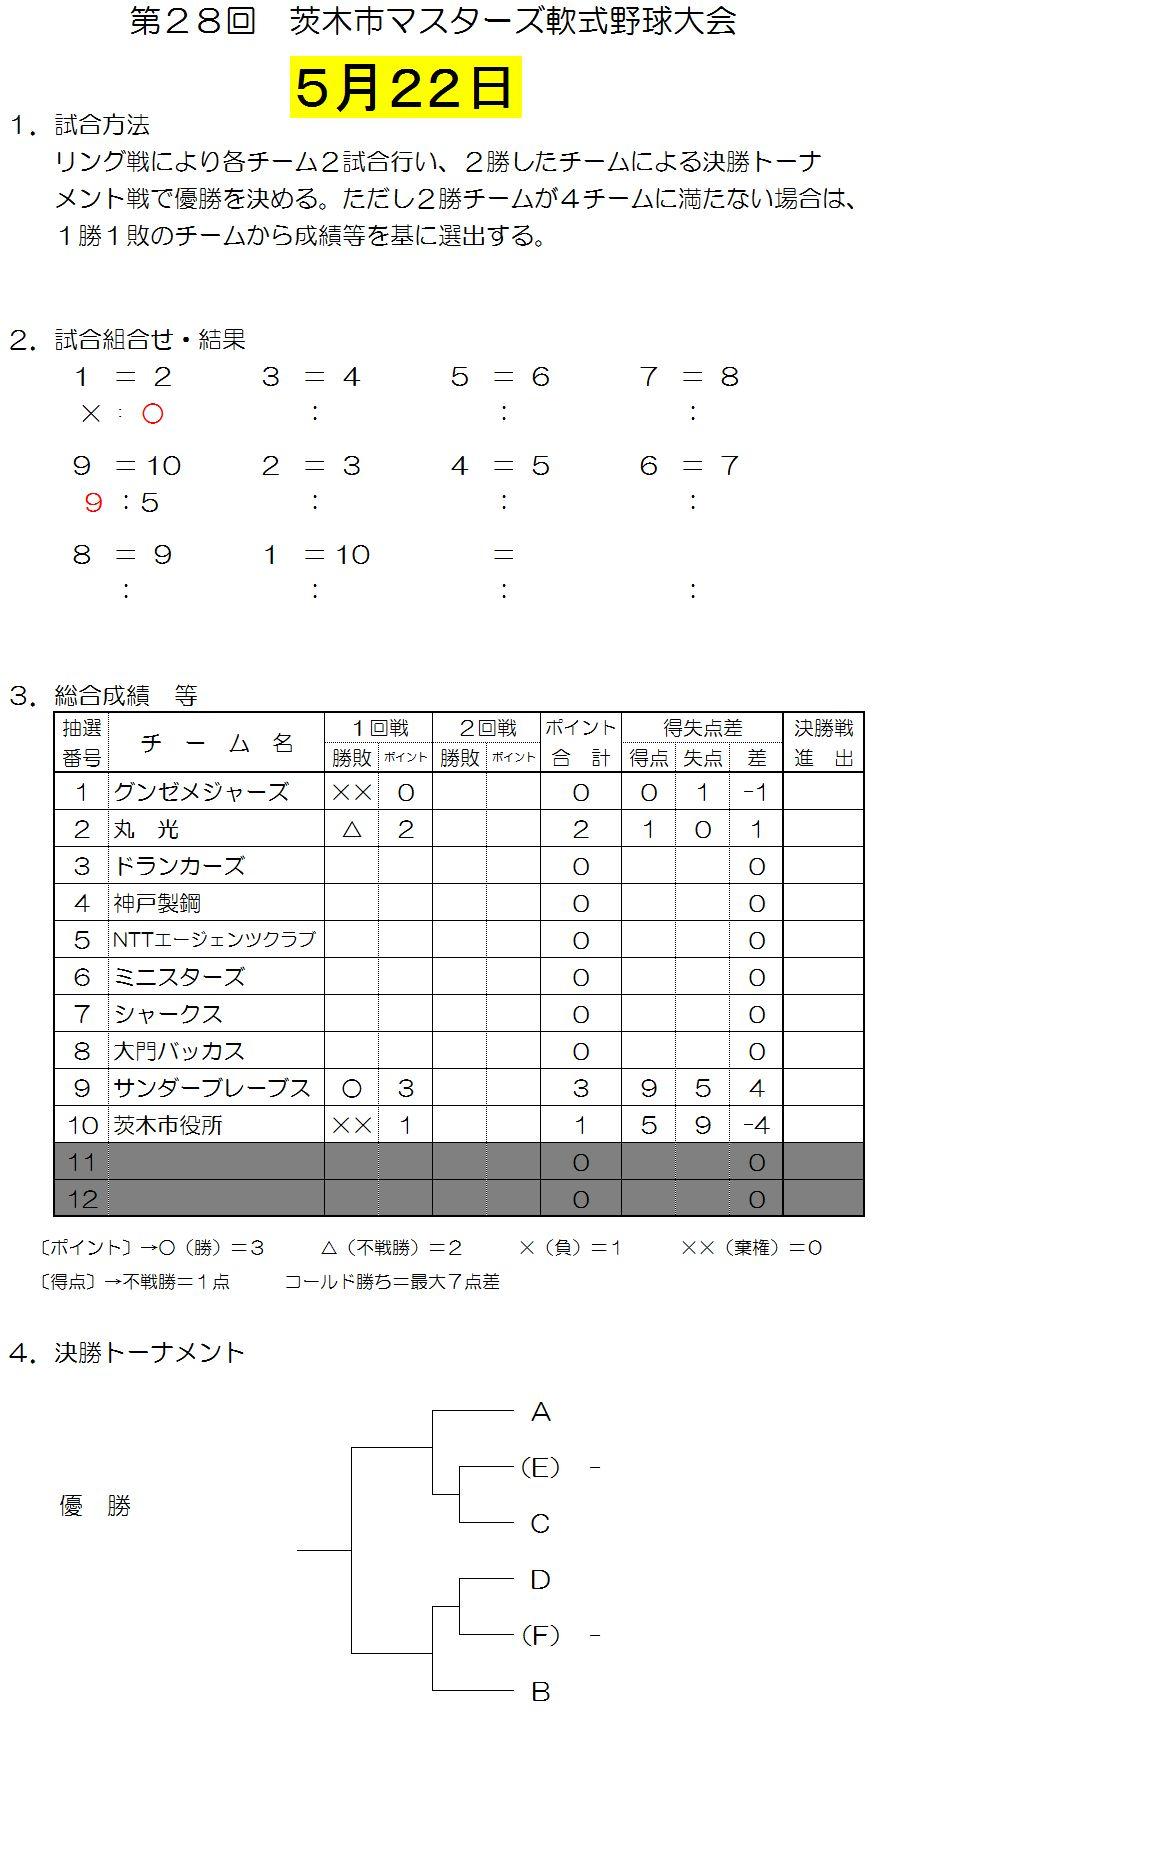 5月22日壮年試合結果